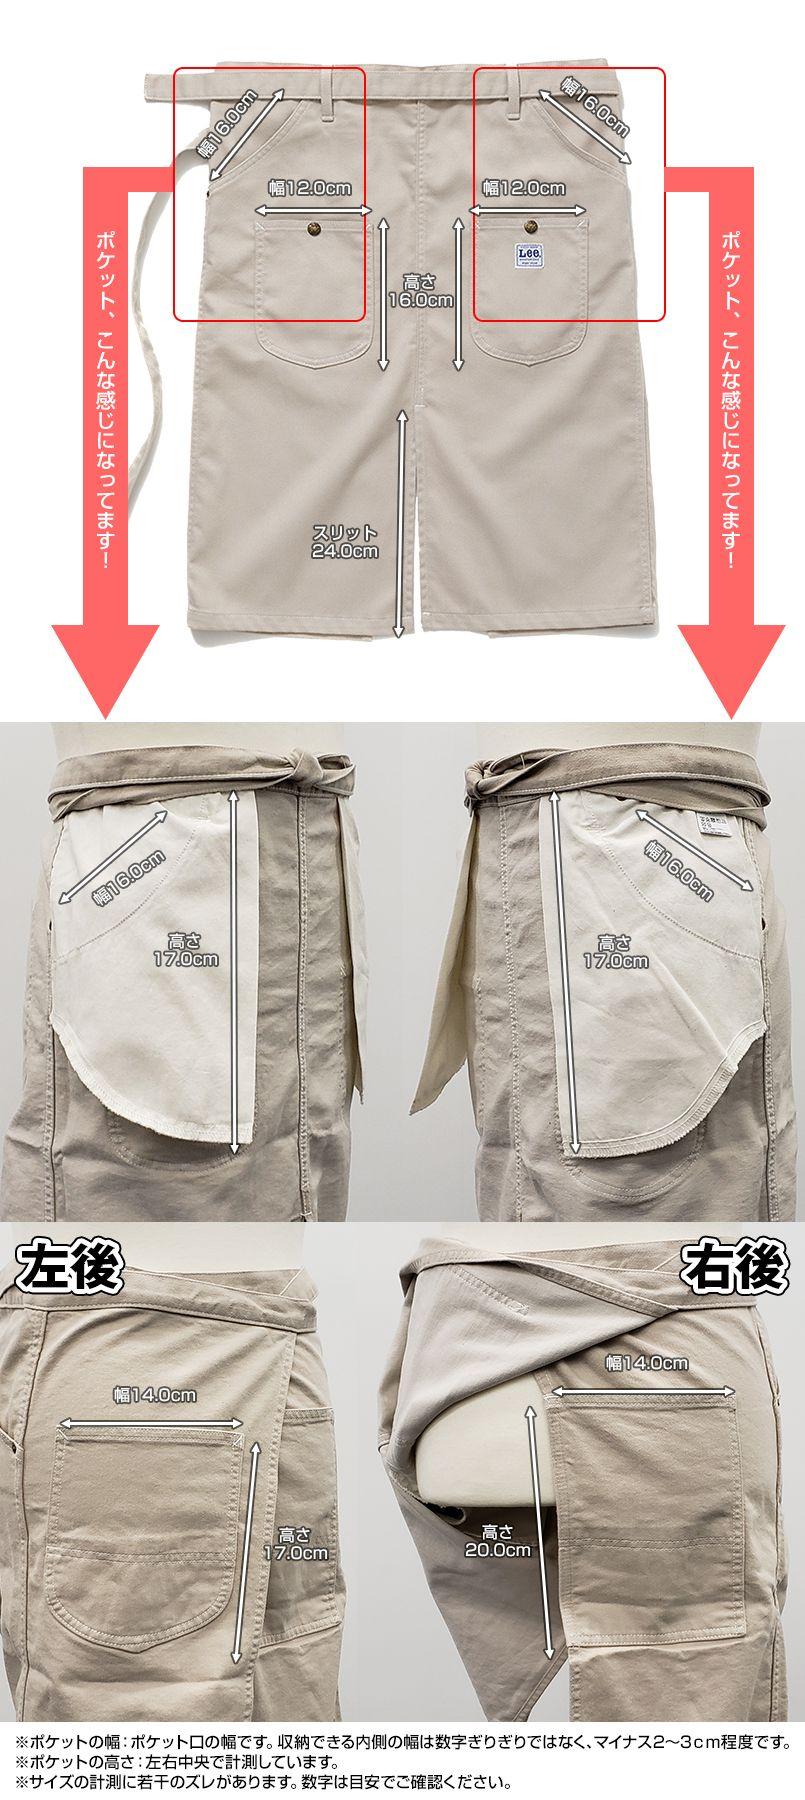 LCK79002 Lee ウエストエプロン(男女兼用) ポケットサイズ